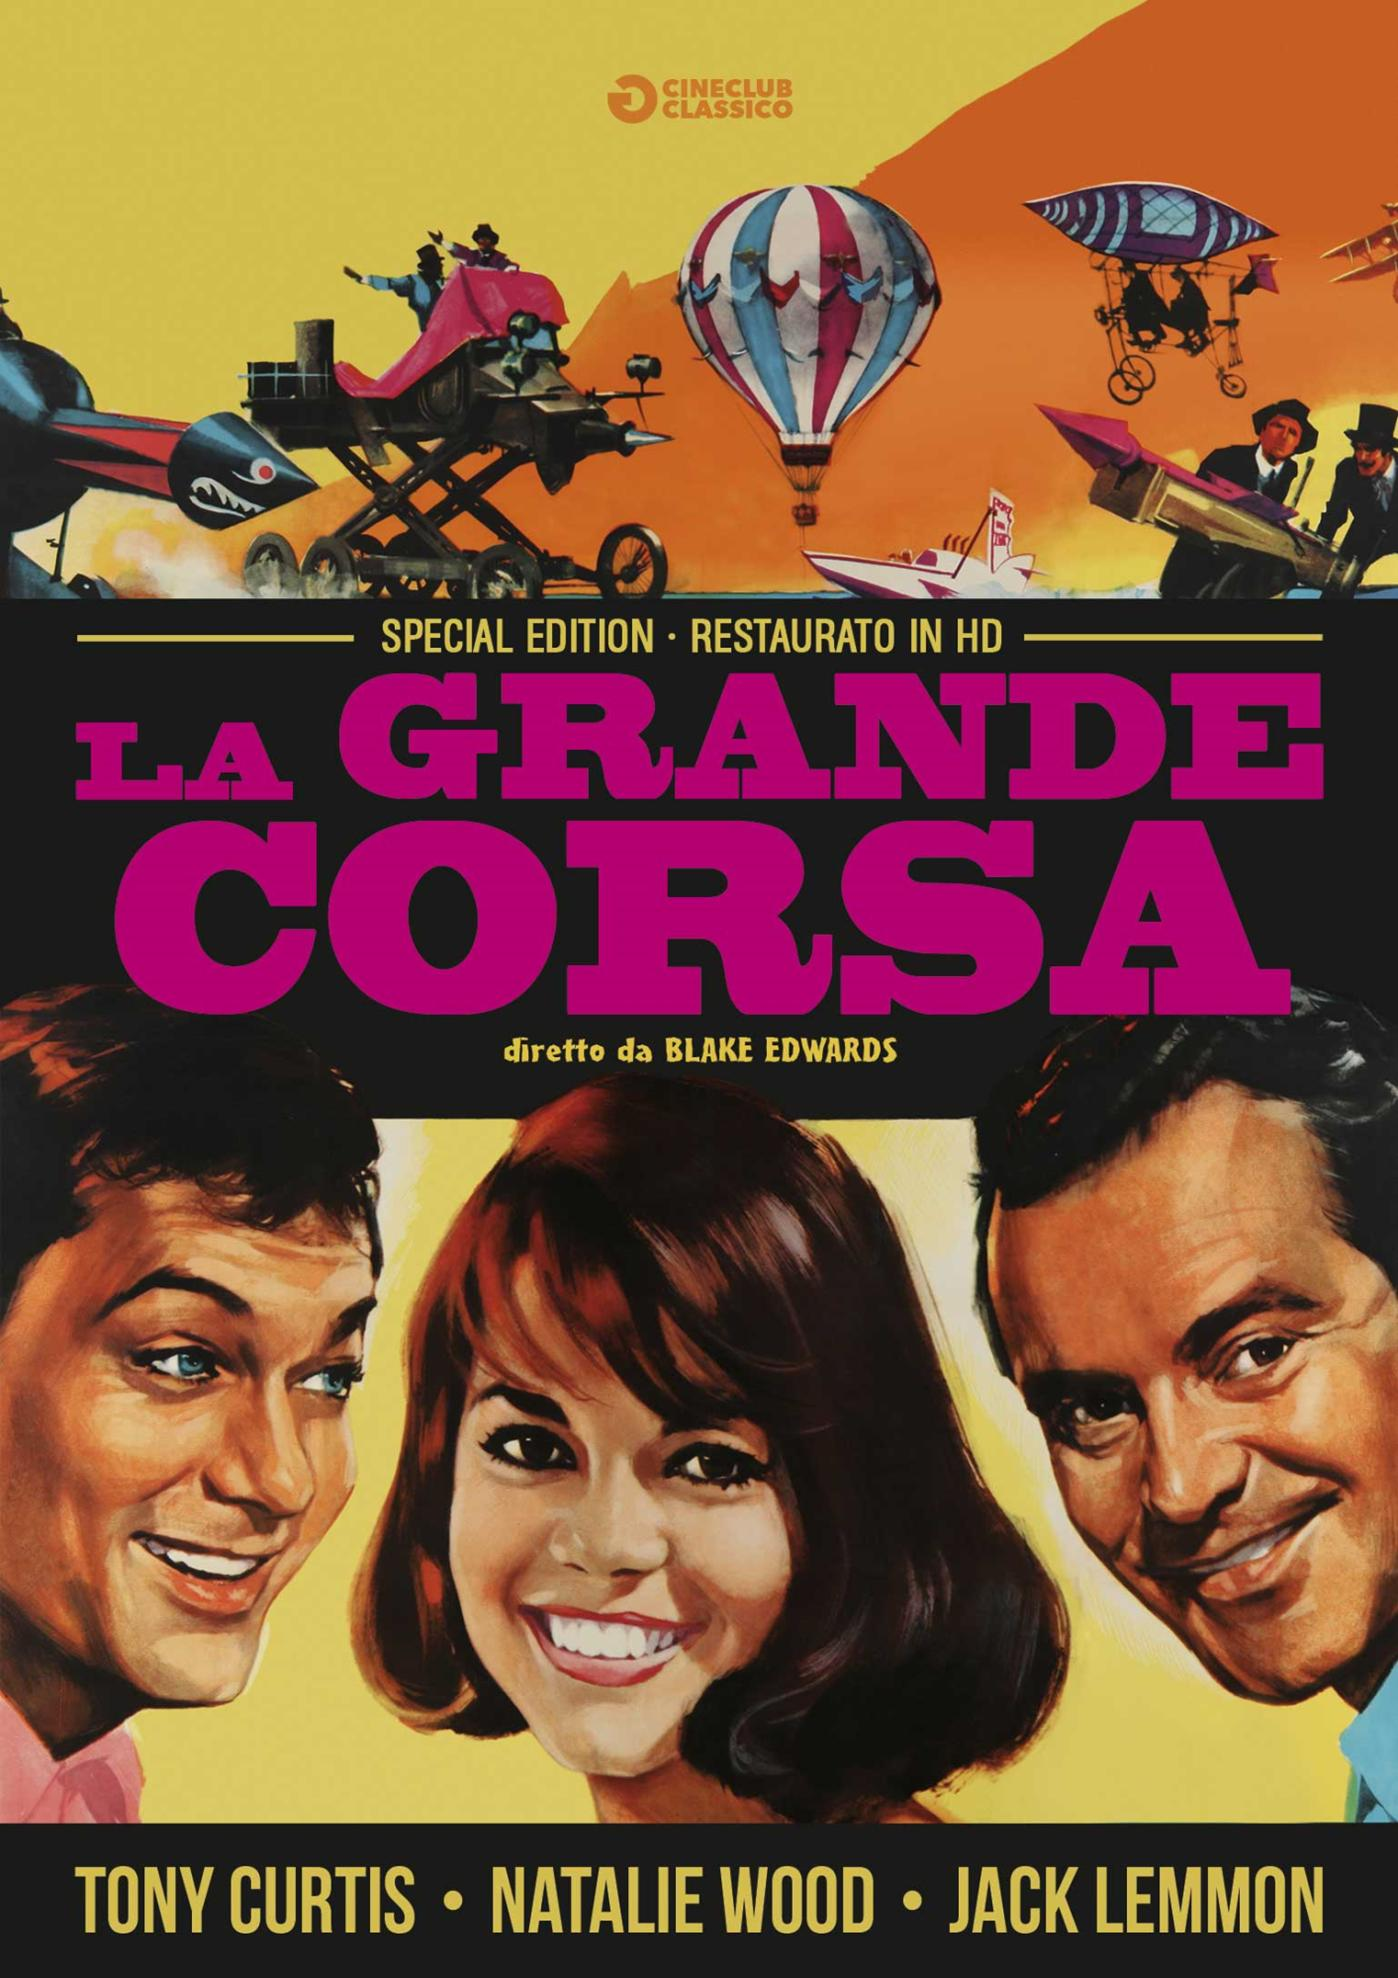 LA GRANDE CORSA (RESTAURATO IN HD) (DVD)